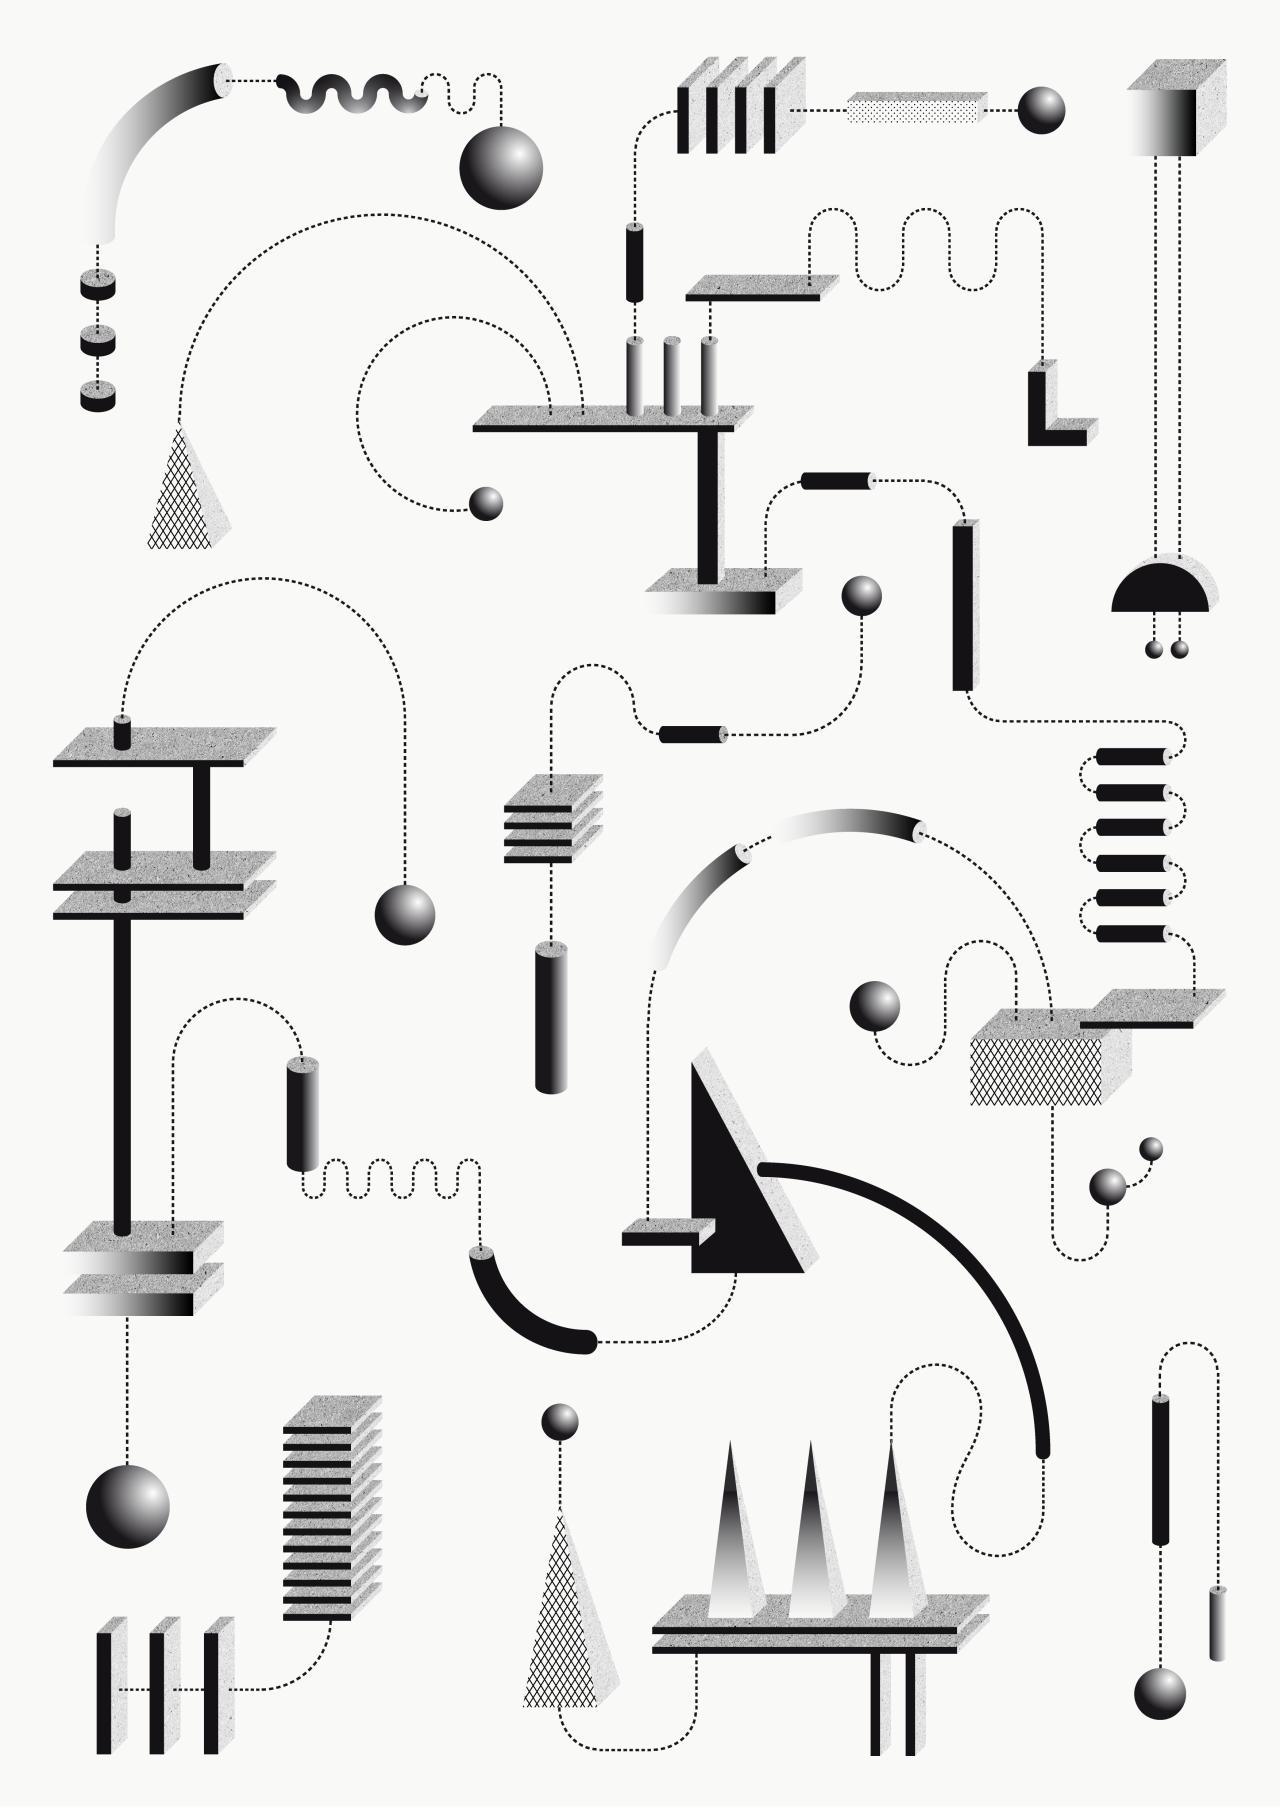 Design Quixotic